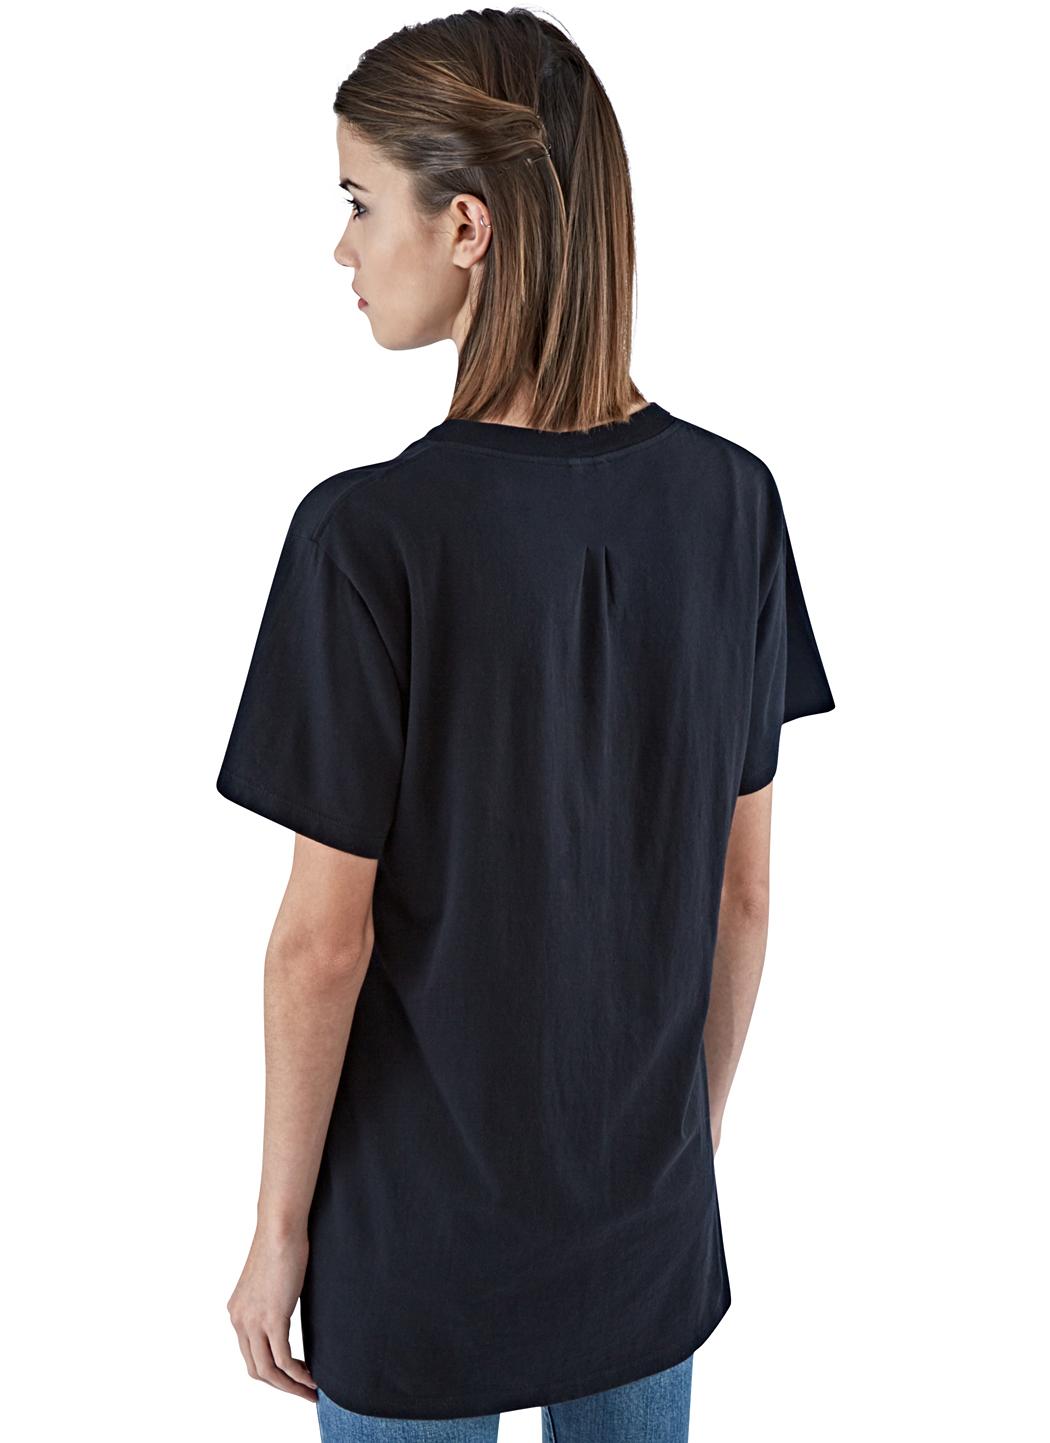 lyst saint laurent t shirt in black. Black Bedroom Furniture Sets. Home Design Ideas